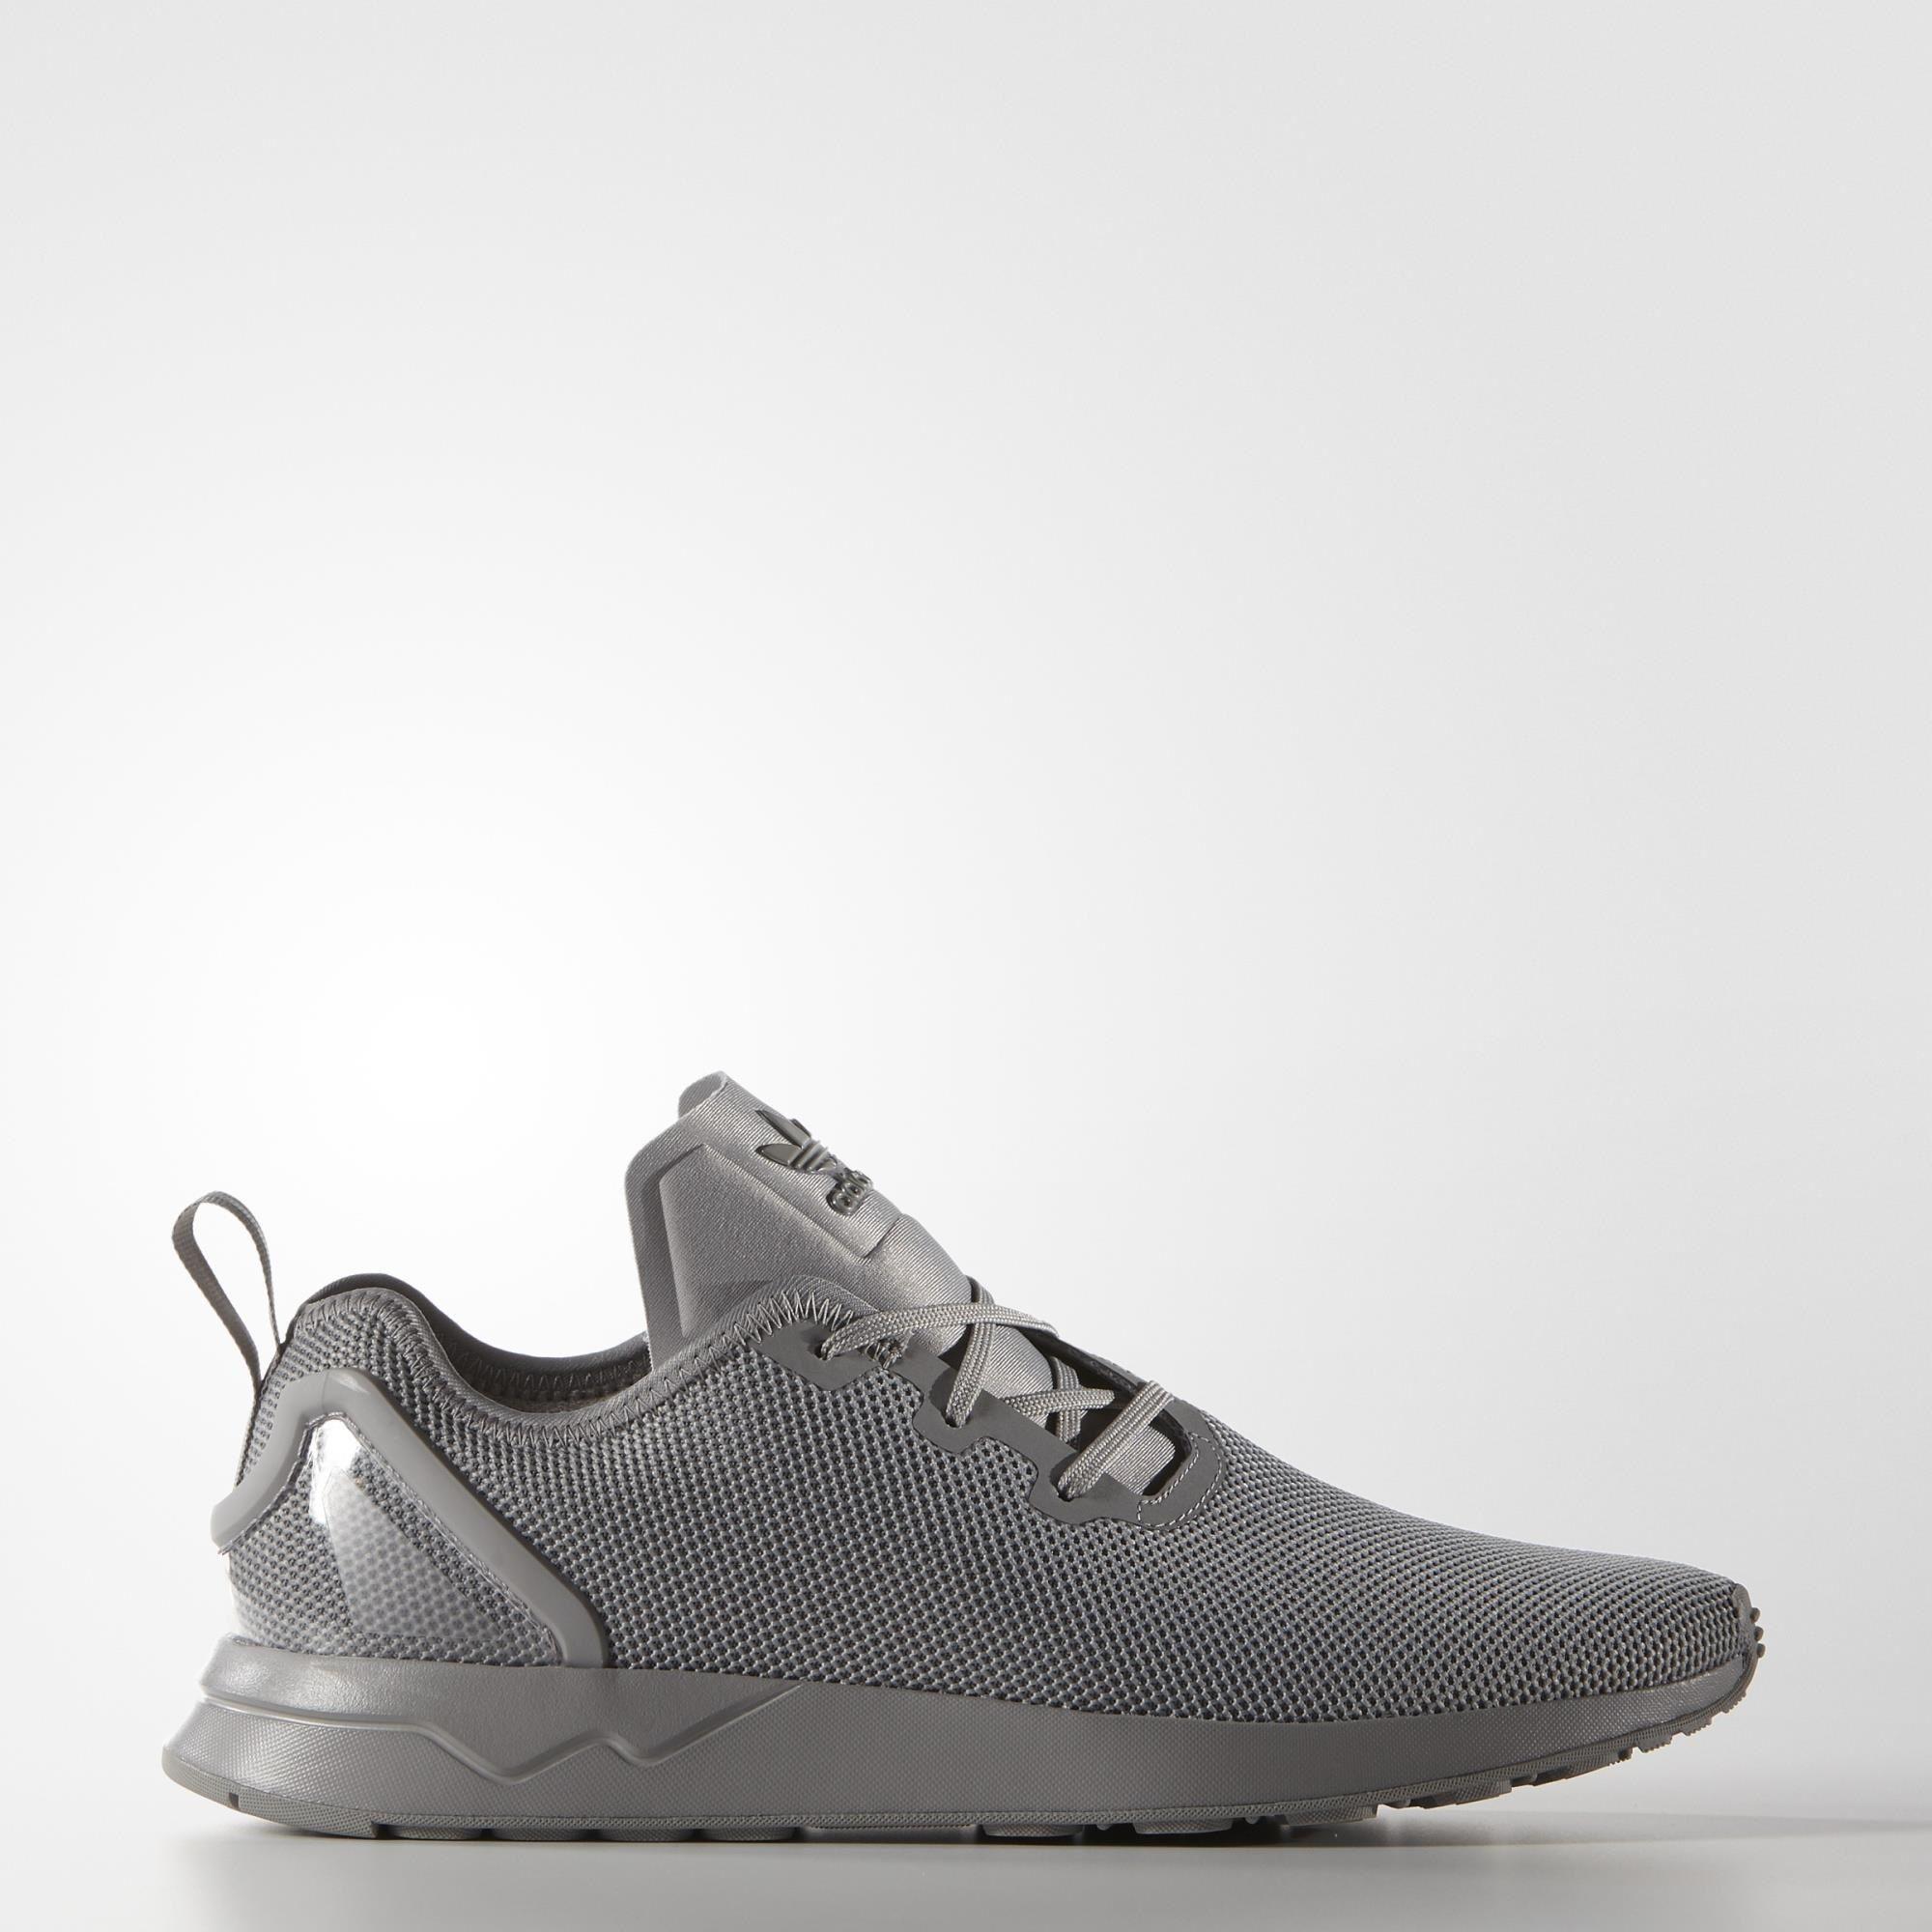 adidas Men's ZX Flux ADV Asymmetrical Shoes | Shoes